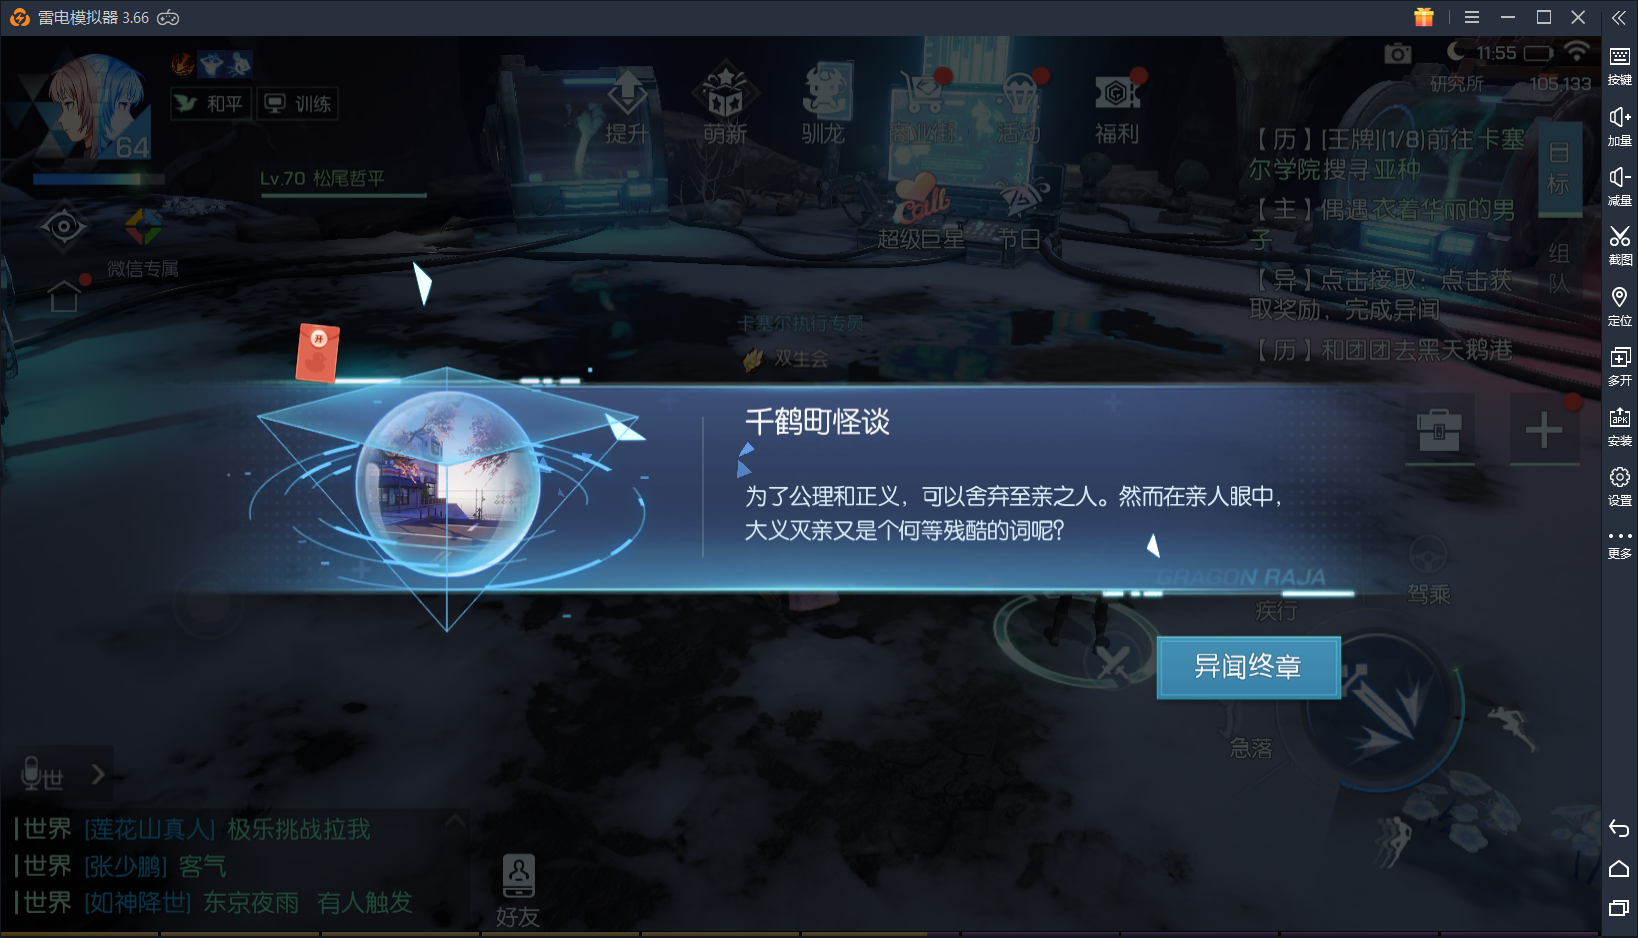 龙族幻想:千鹤町怪谈攻略,也许是最简单的金色异闻了